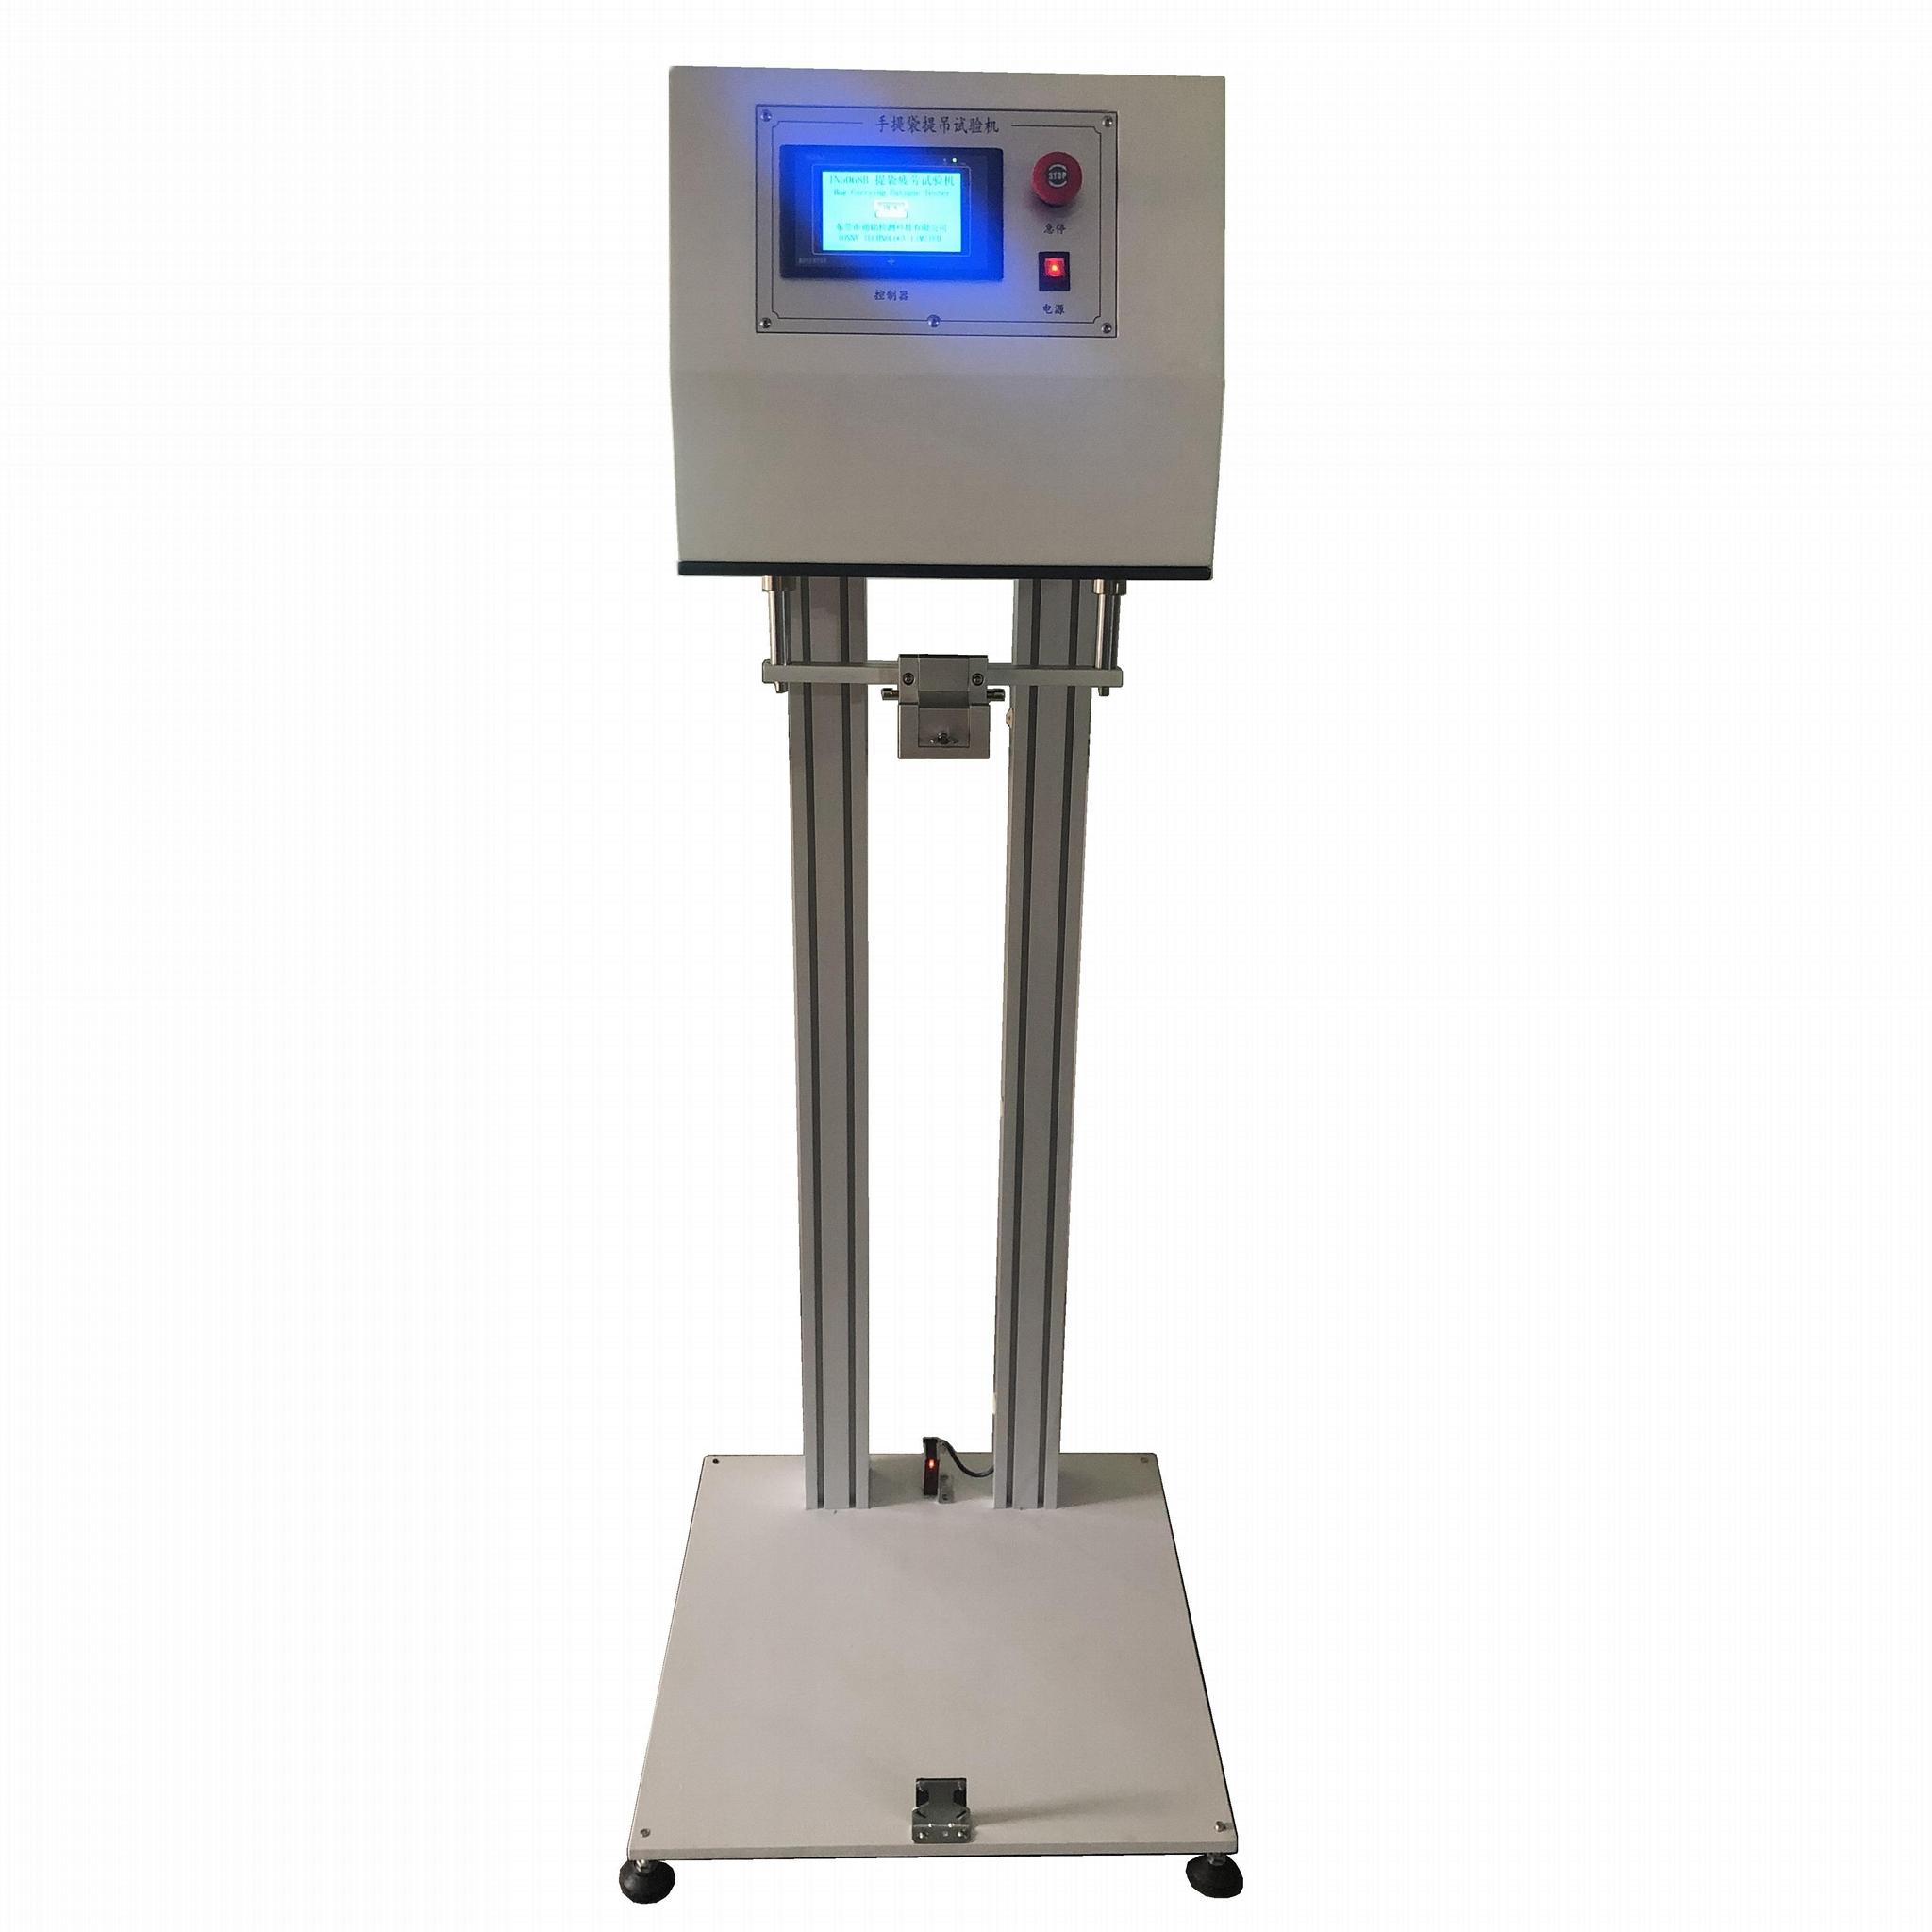 生物降解塑料购物袋提吊试验仪,提袋疲劳试验机GB/T 38082-2019 2